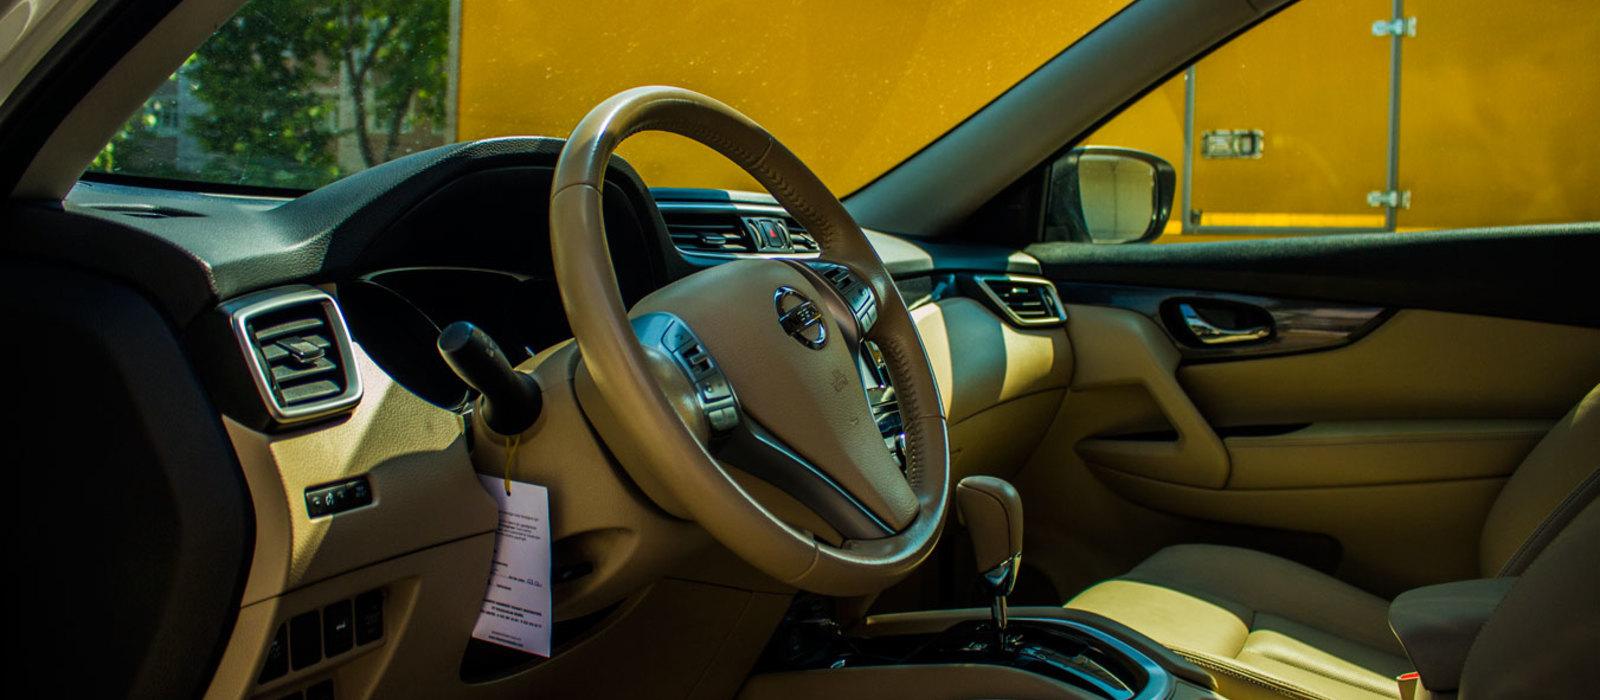 ikinci el araba 2015 Nissan X-Trail 1.6 dCi Platinum Premium Dizel Otomatik 46000 KM 5